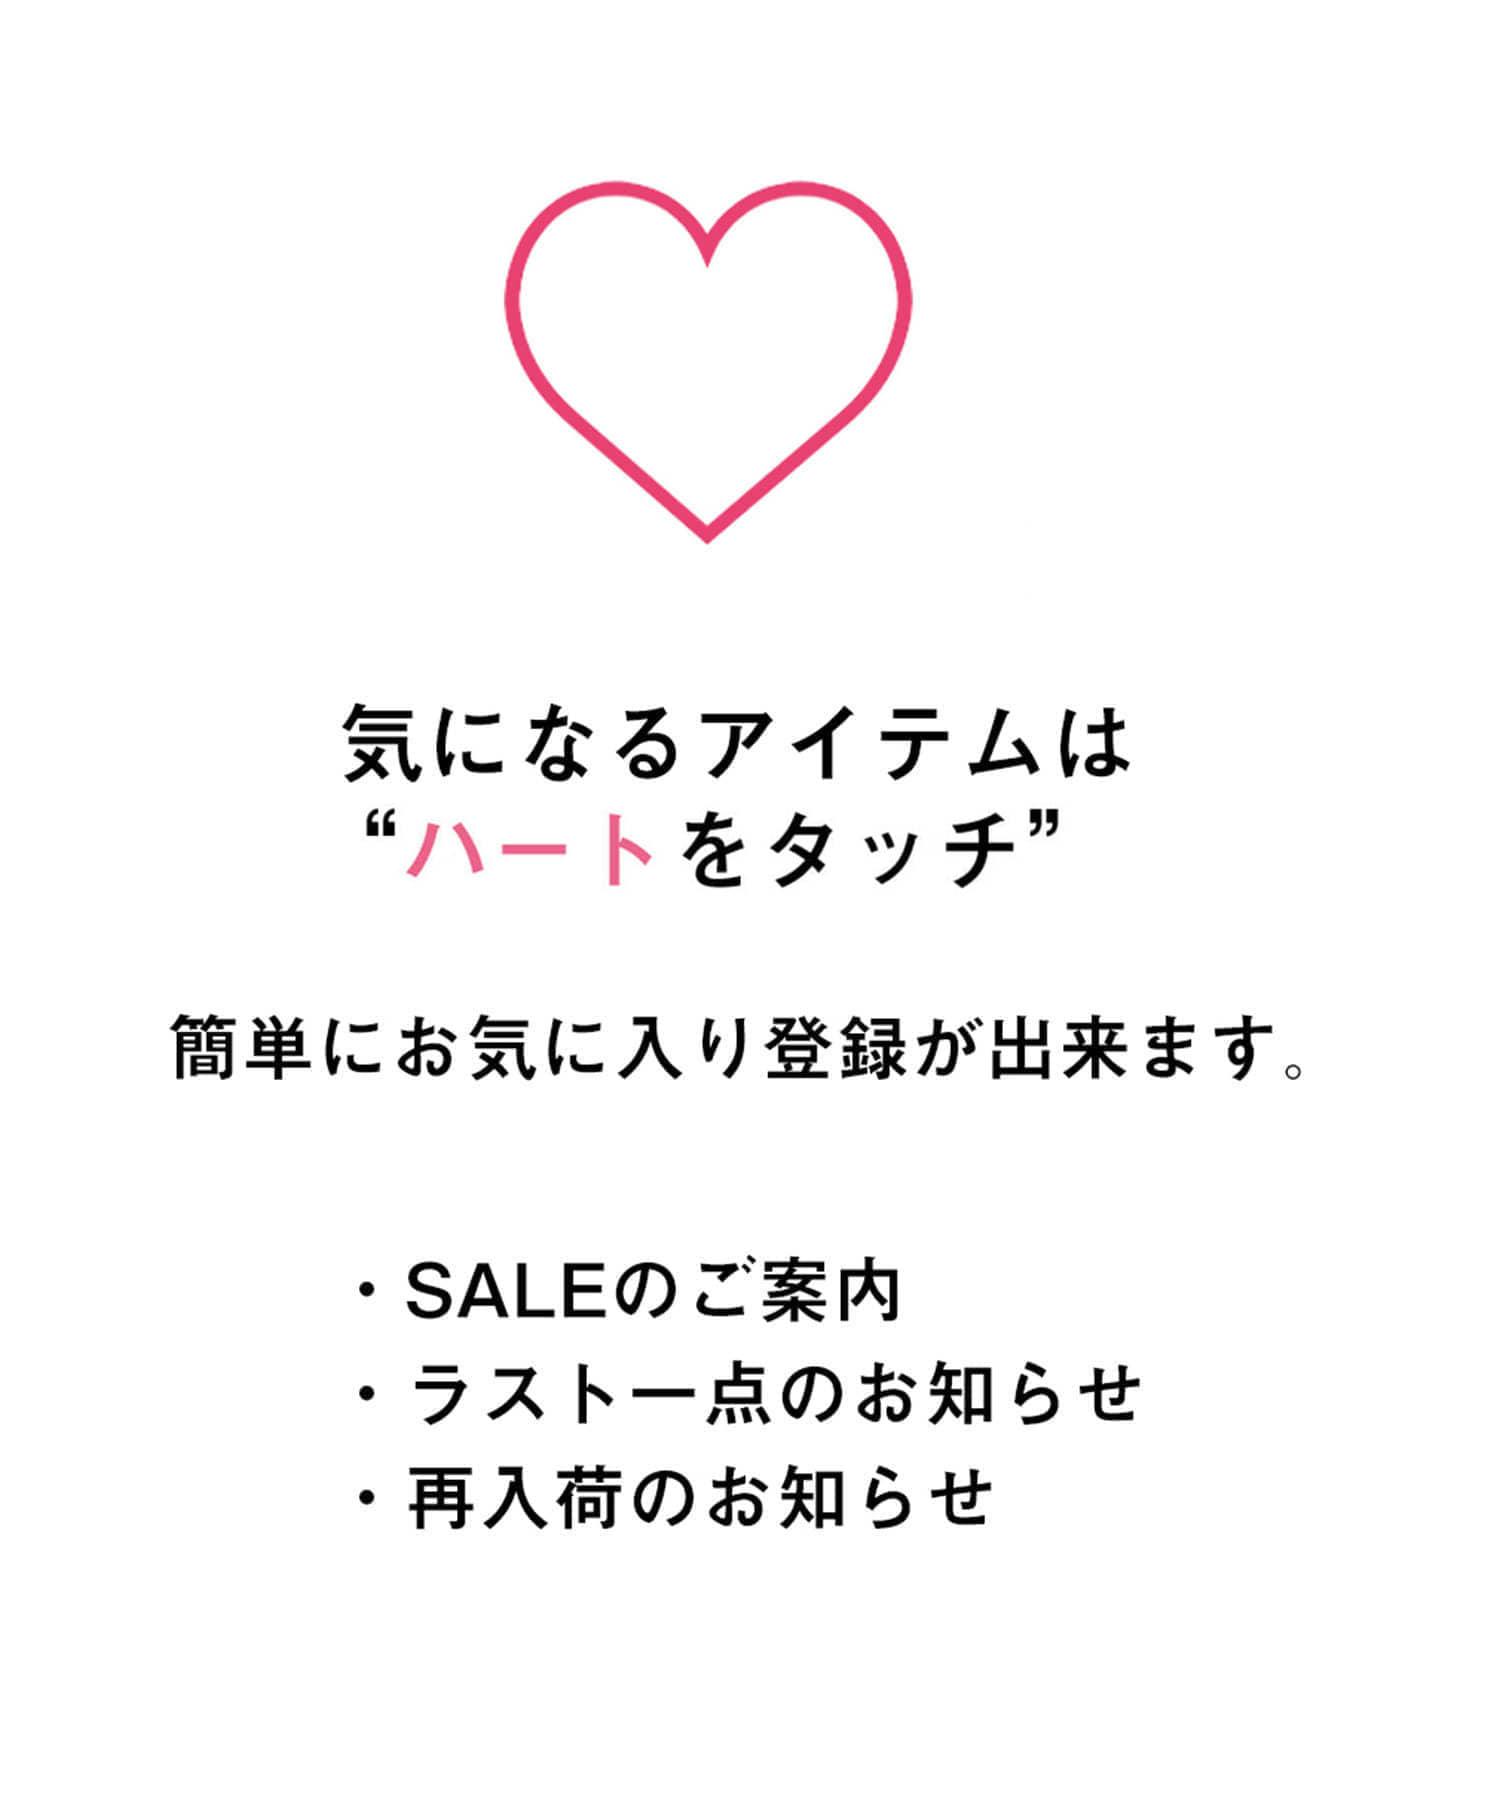 BONbazaar(ボンバザール) 【廣田硝子】昭和モダン 復刻タンブラー 手付き 220N